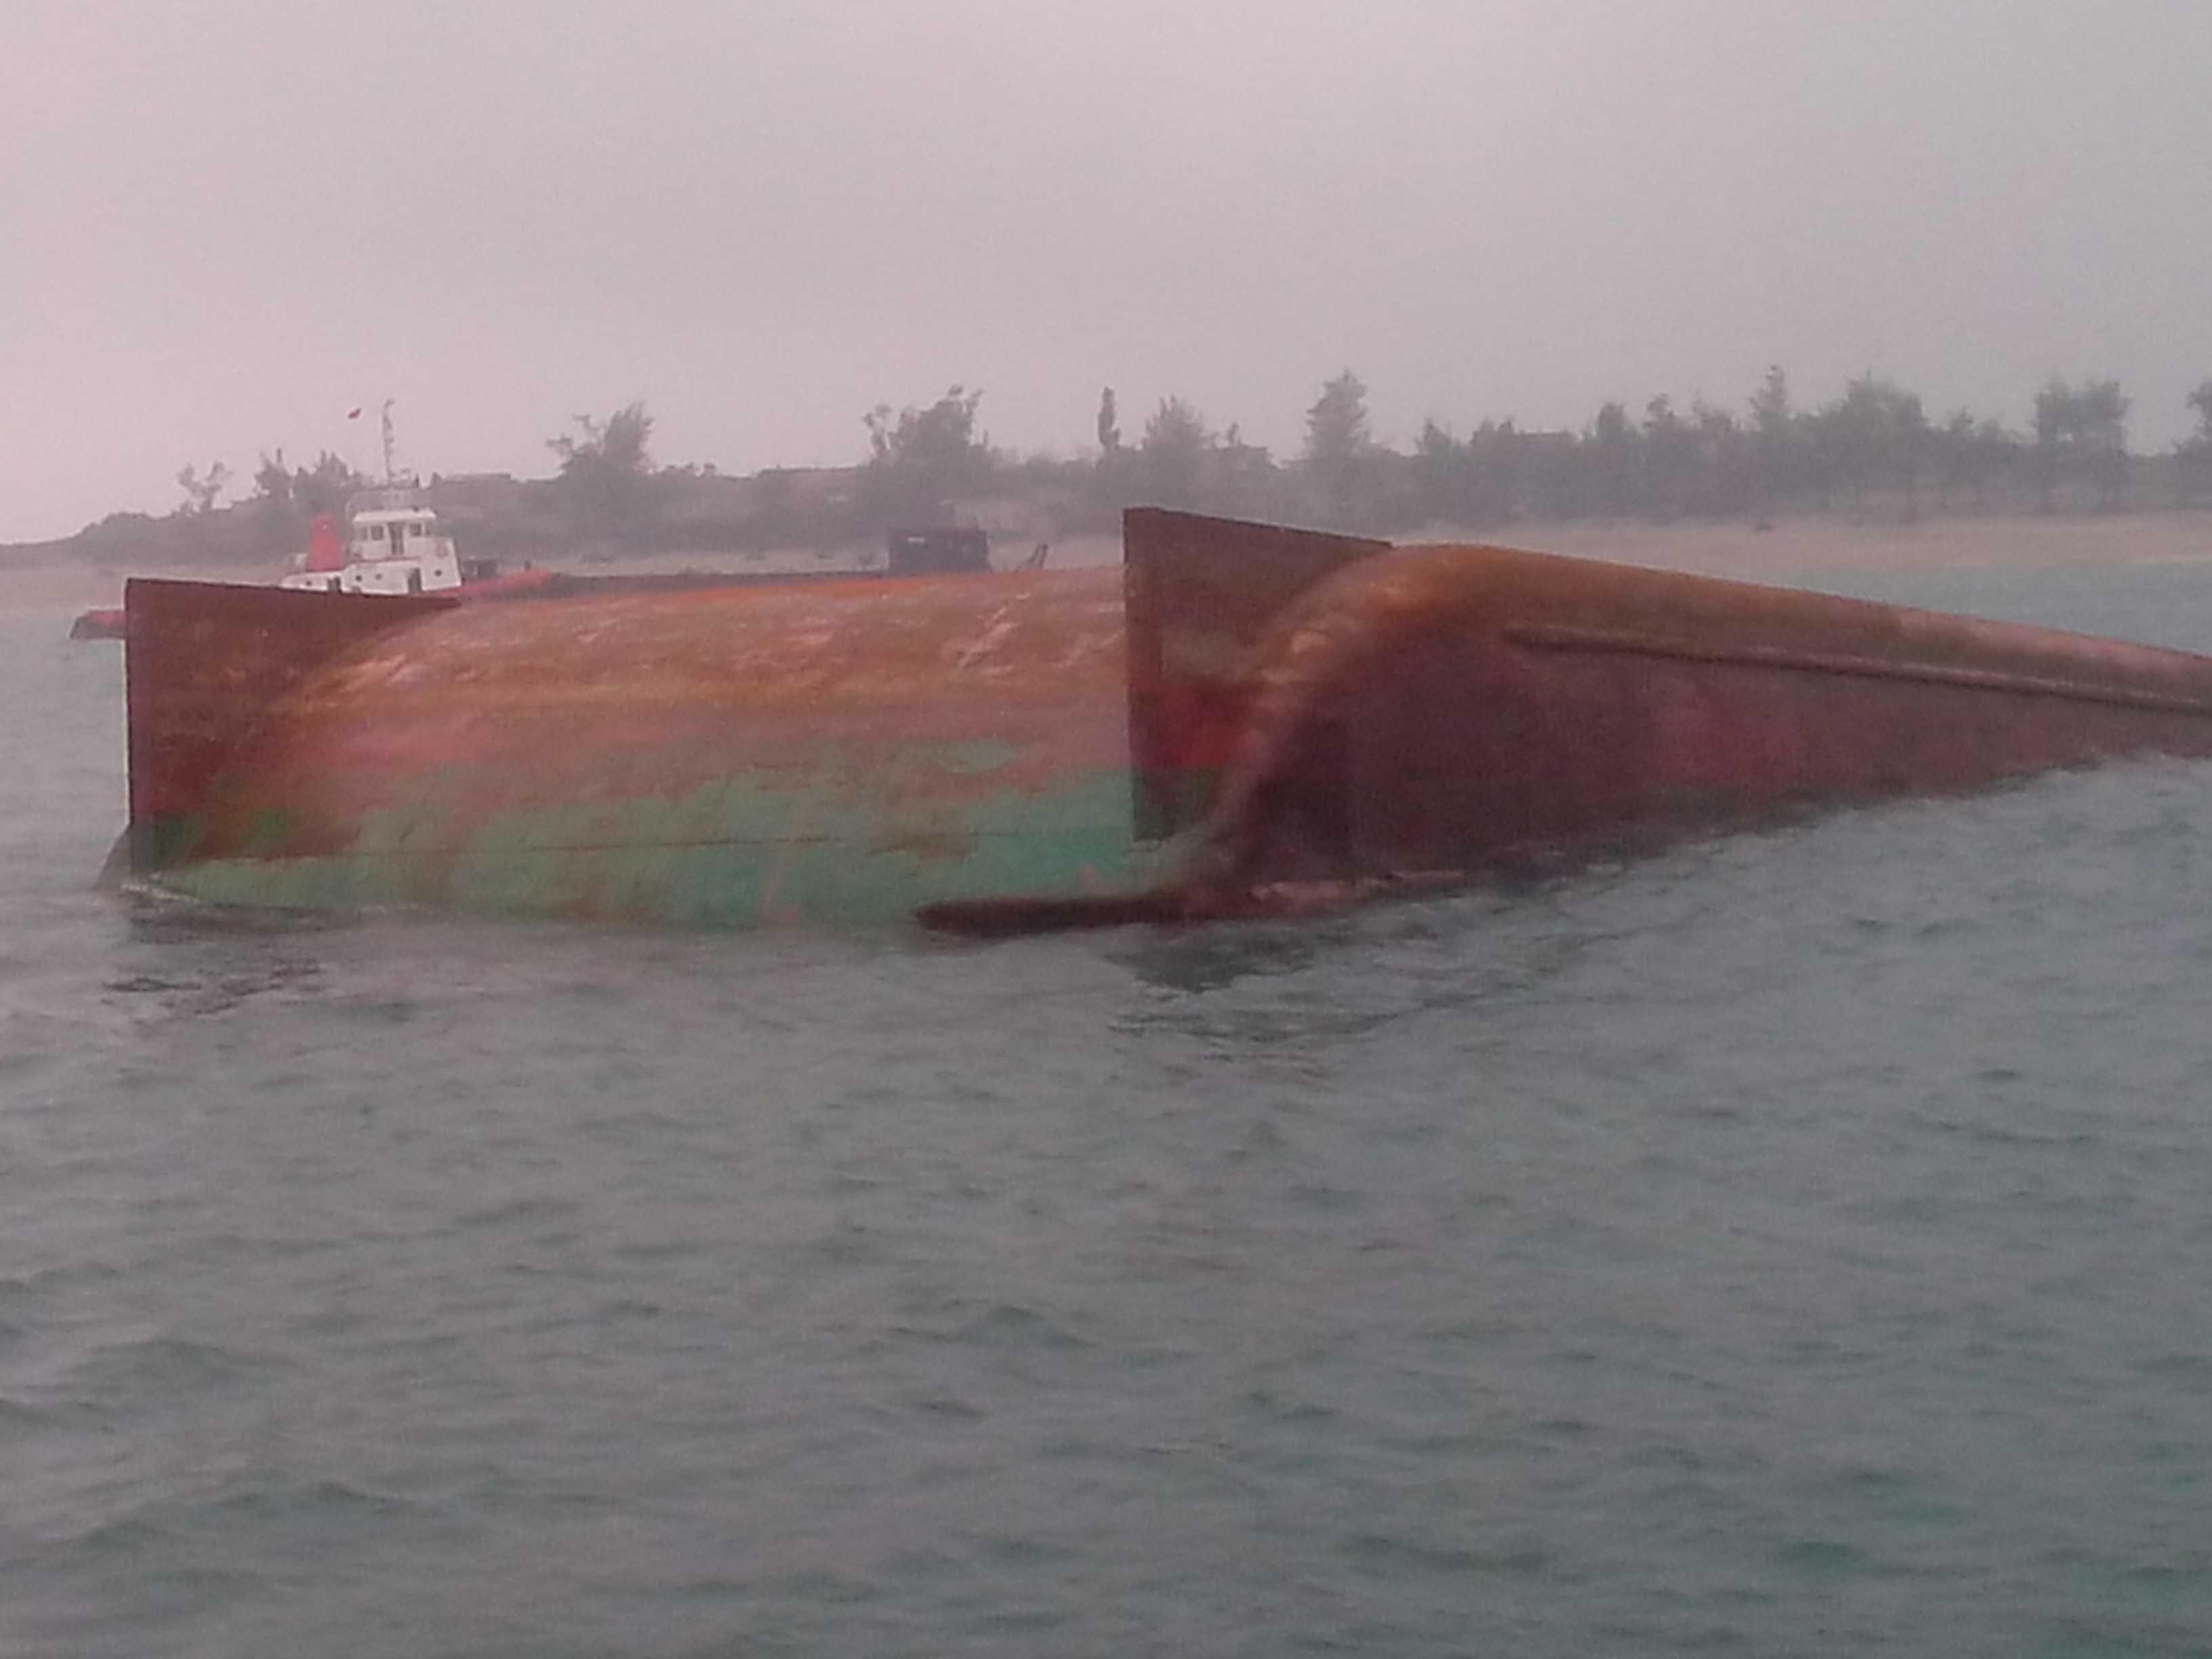 Chiếc sà lan gặp nạn trên biển